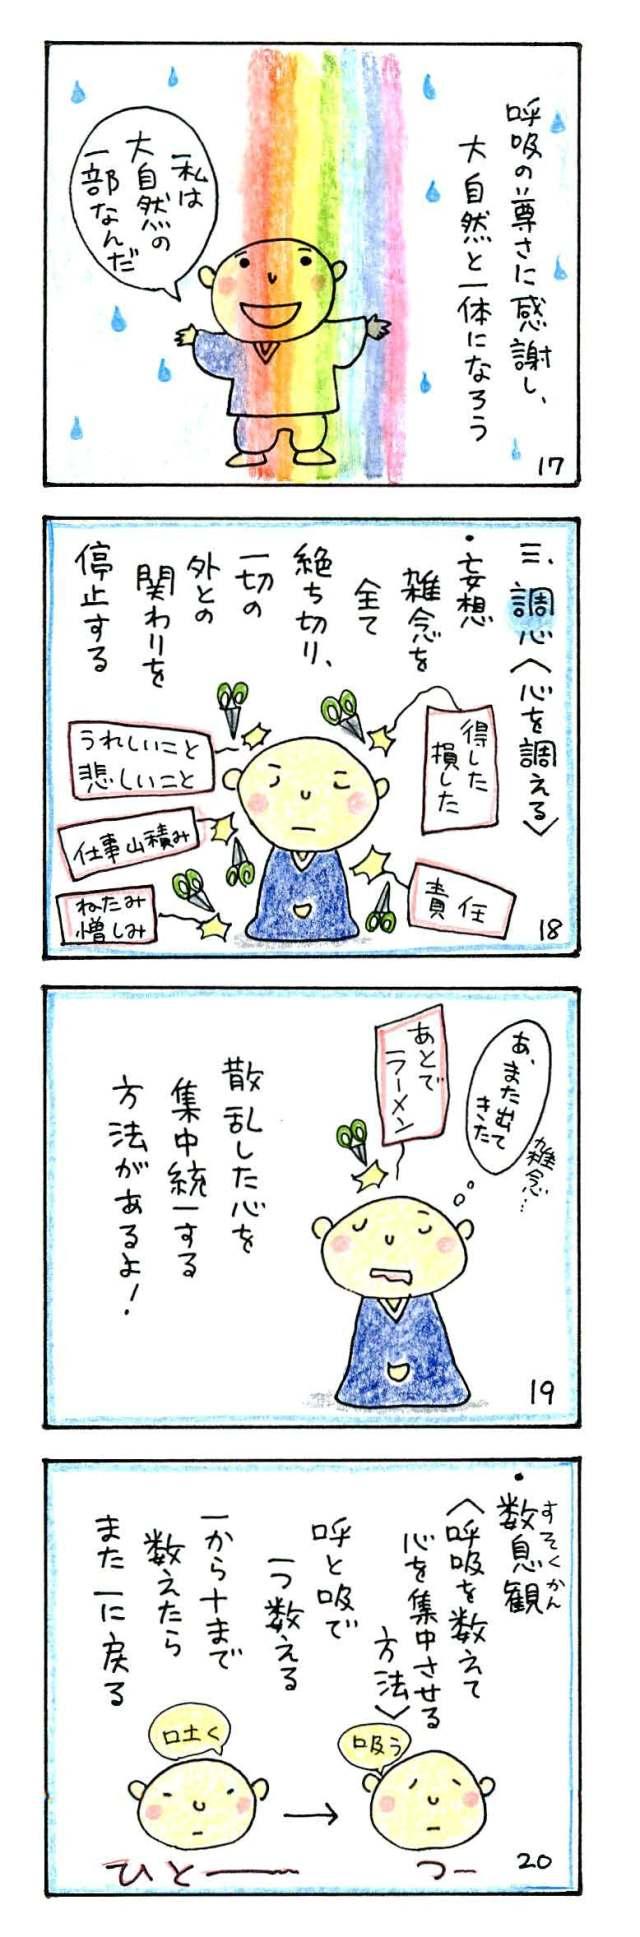 第5話 Let'座禅 「座禅の仕方」p17-p20